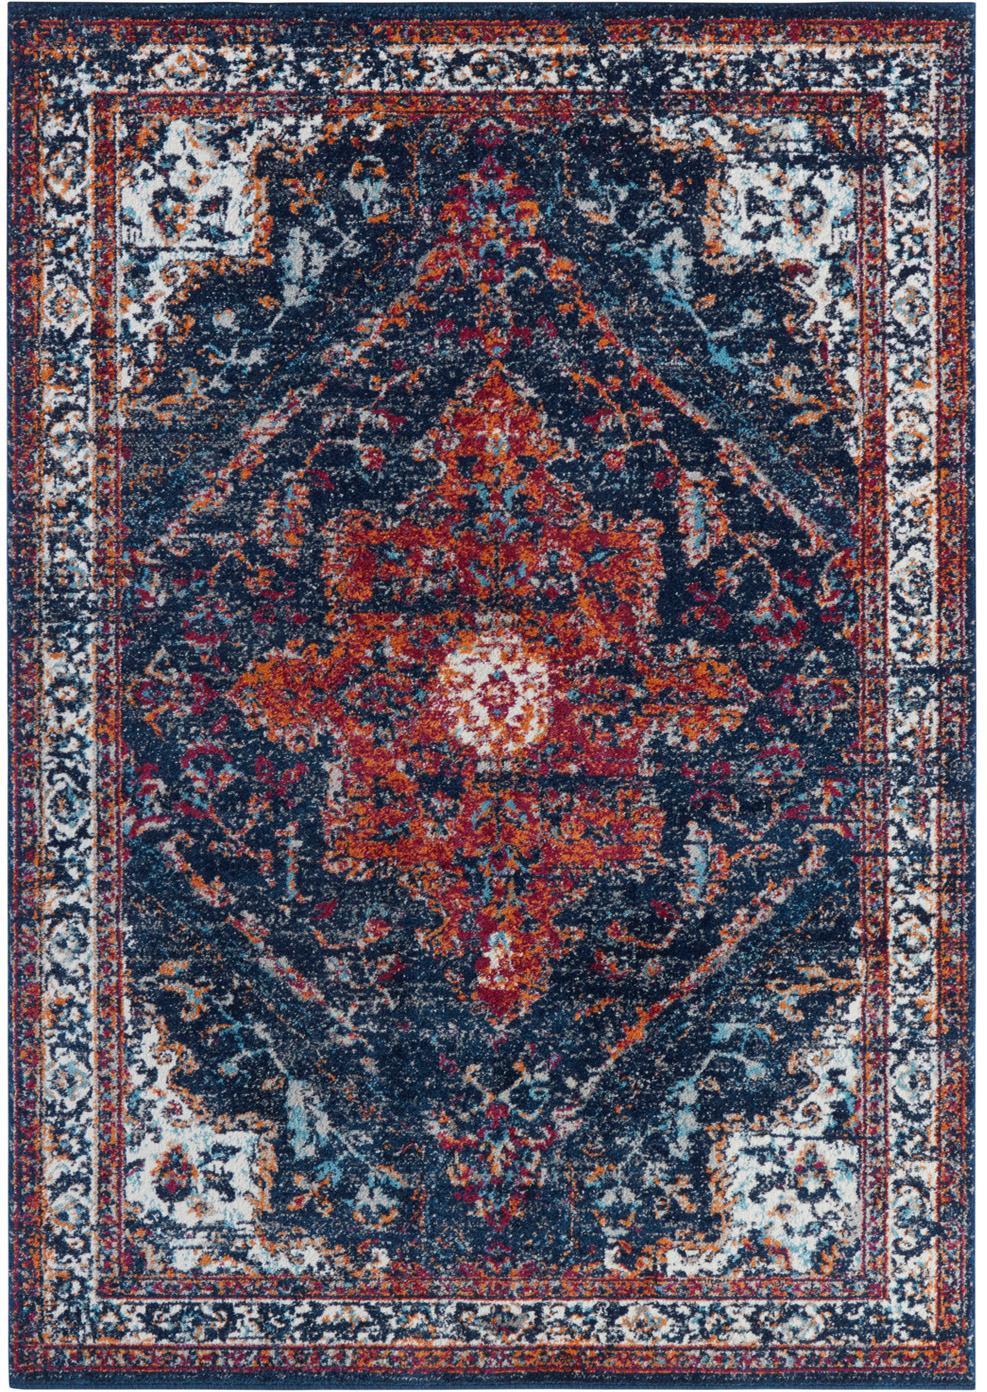 Alfombra Azrow, estilo vintage, Parte superior: 100%polipropileno, Reverso: poliéster, Azul oscuro, rojo, An 120 x L 170 cm (Tamaño S)